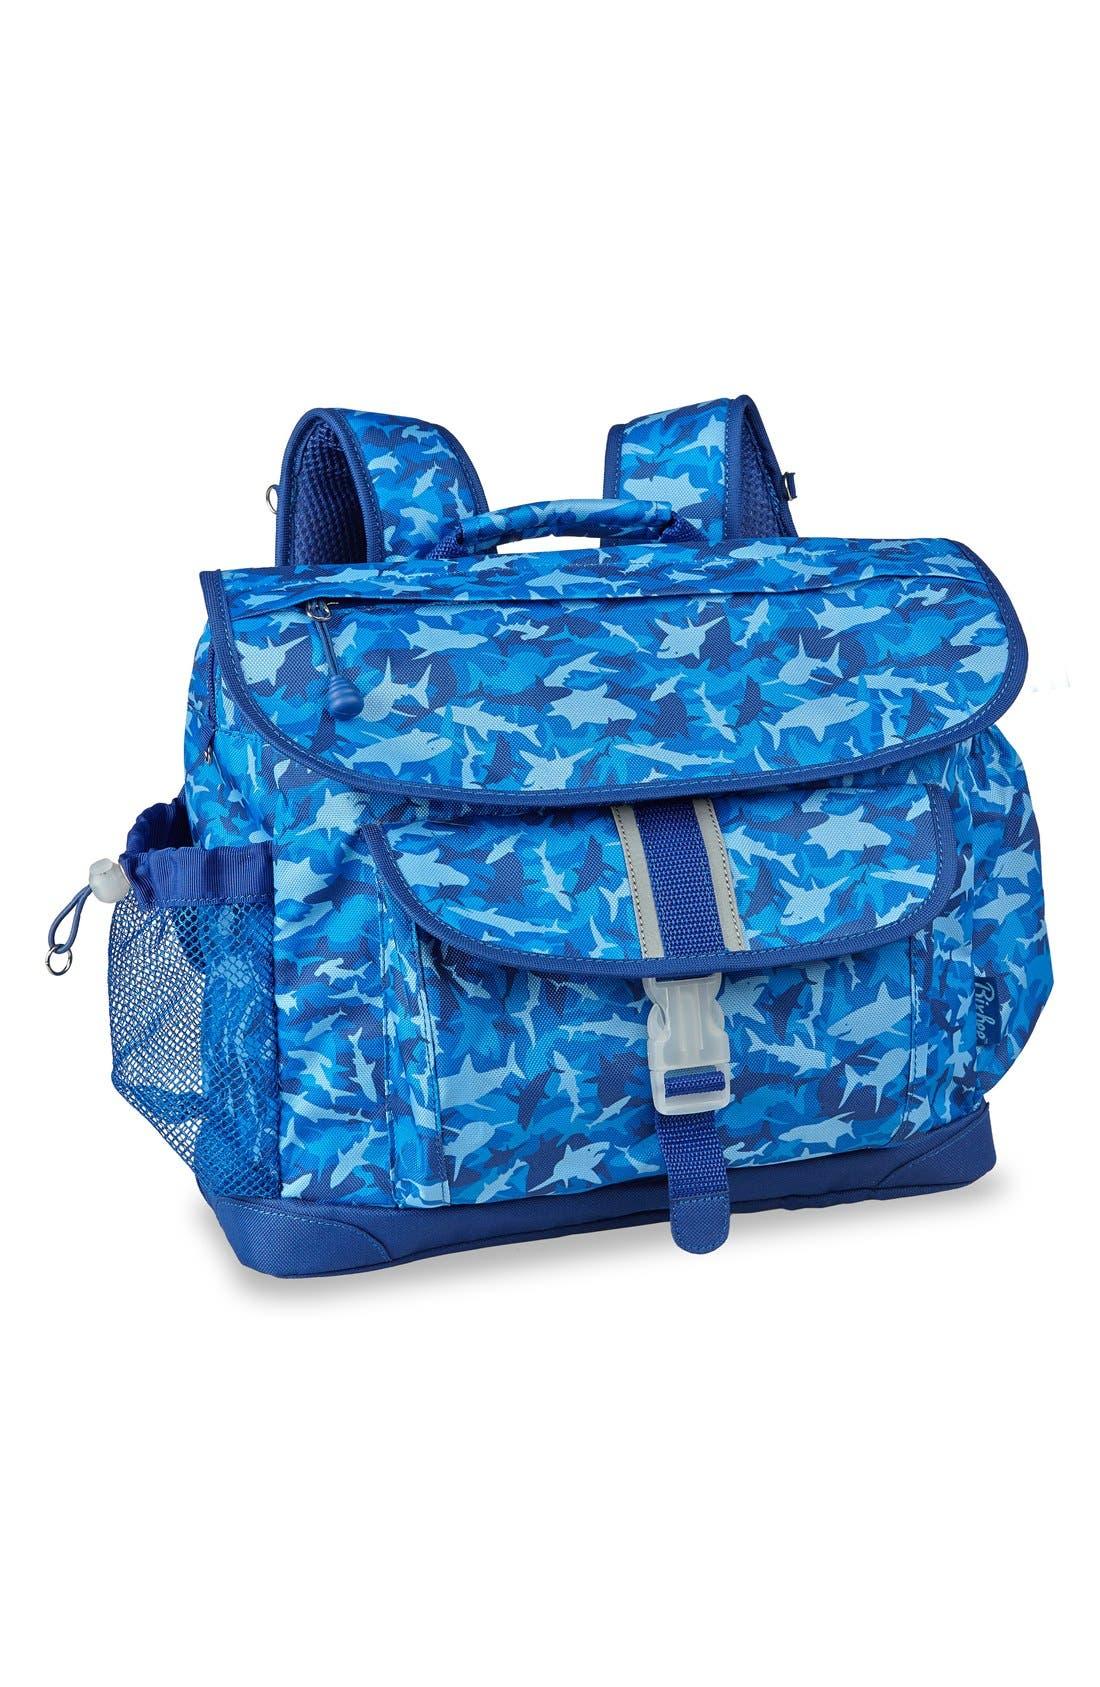 BIXBEE 'Medium Shark Camo' Water Resistant Backpack